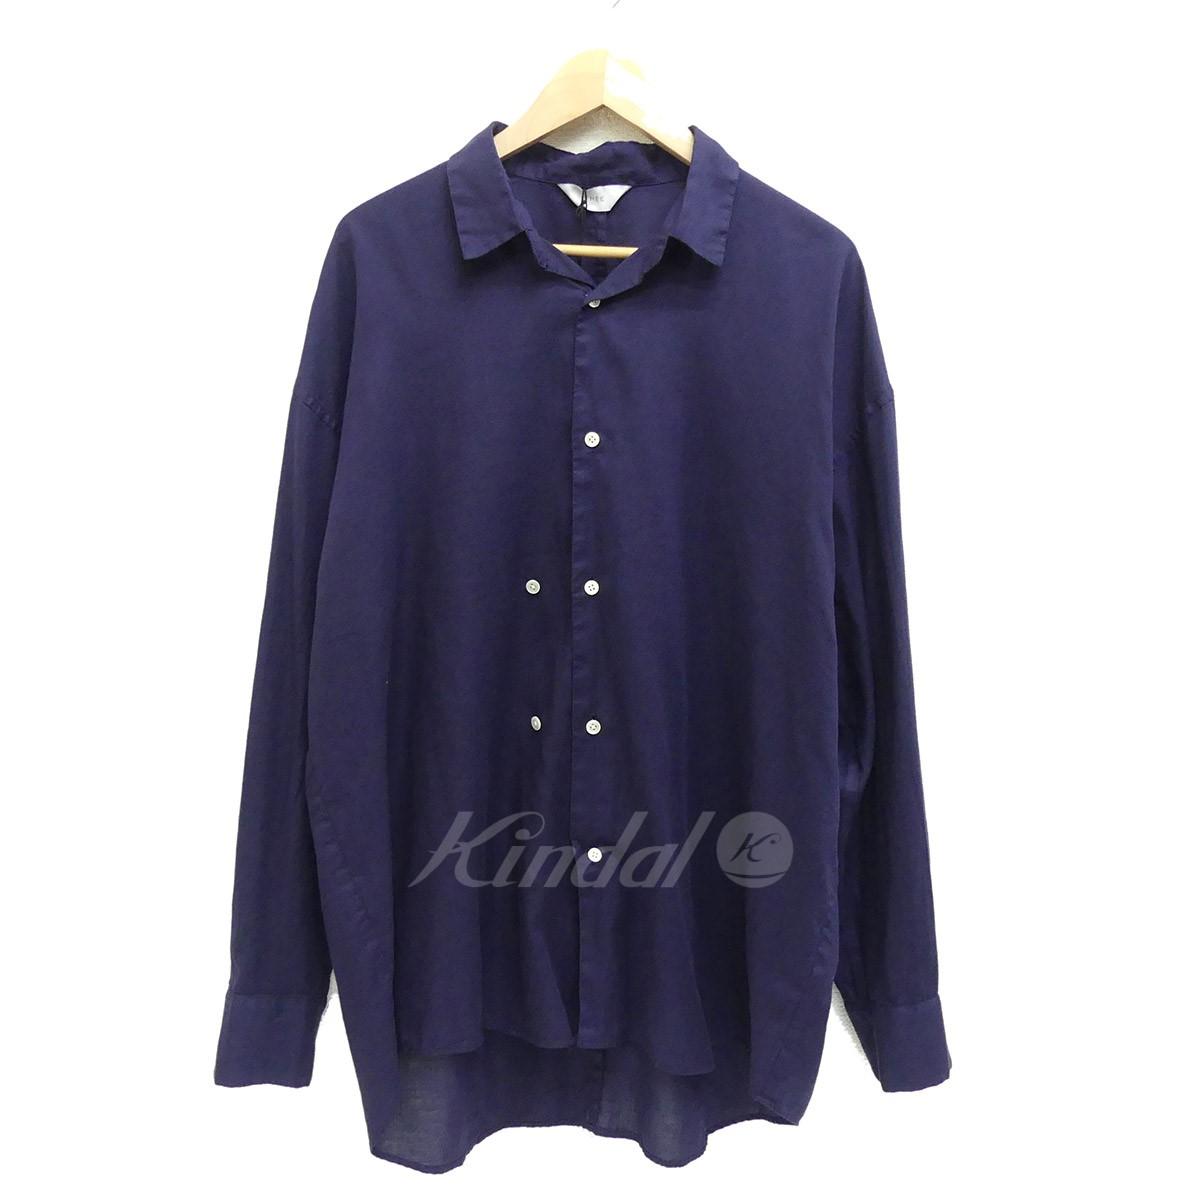 【中古】THEE ダブルボタンオーバーサイズシャツ 2018AW ネイビー サイズ:1 【送料無料】 【221018】(シー)